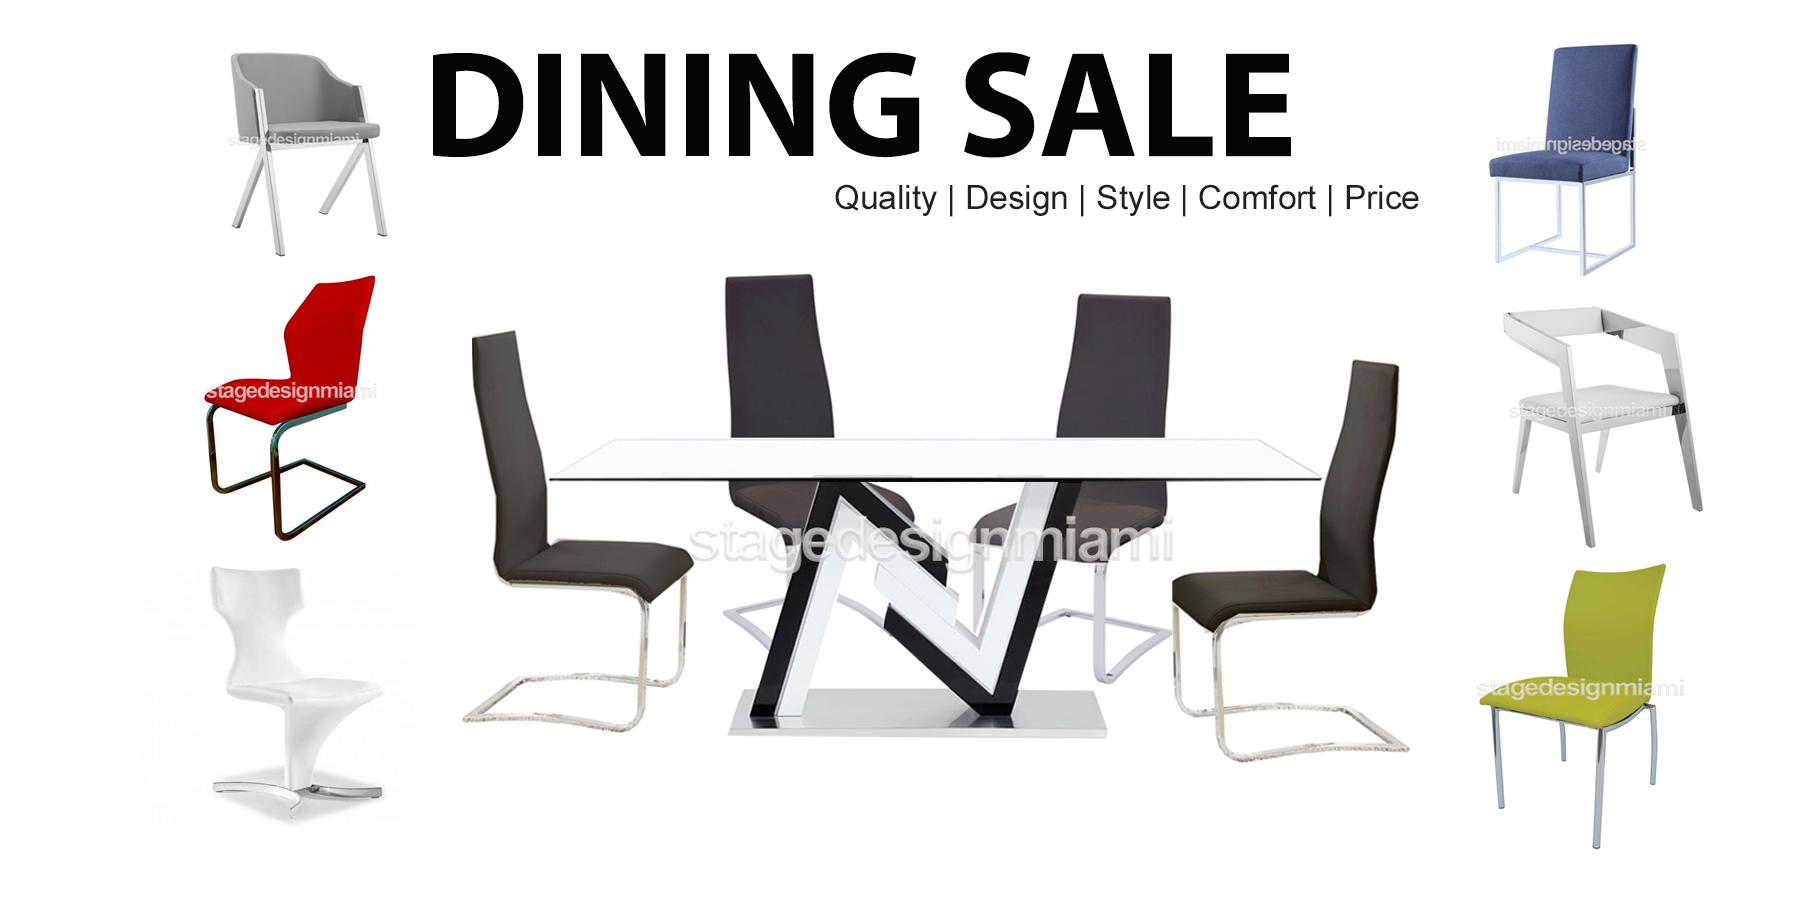 slider_dining_2019-2